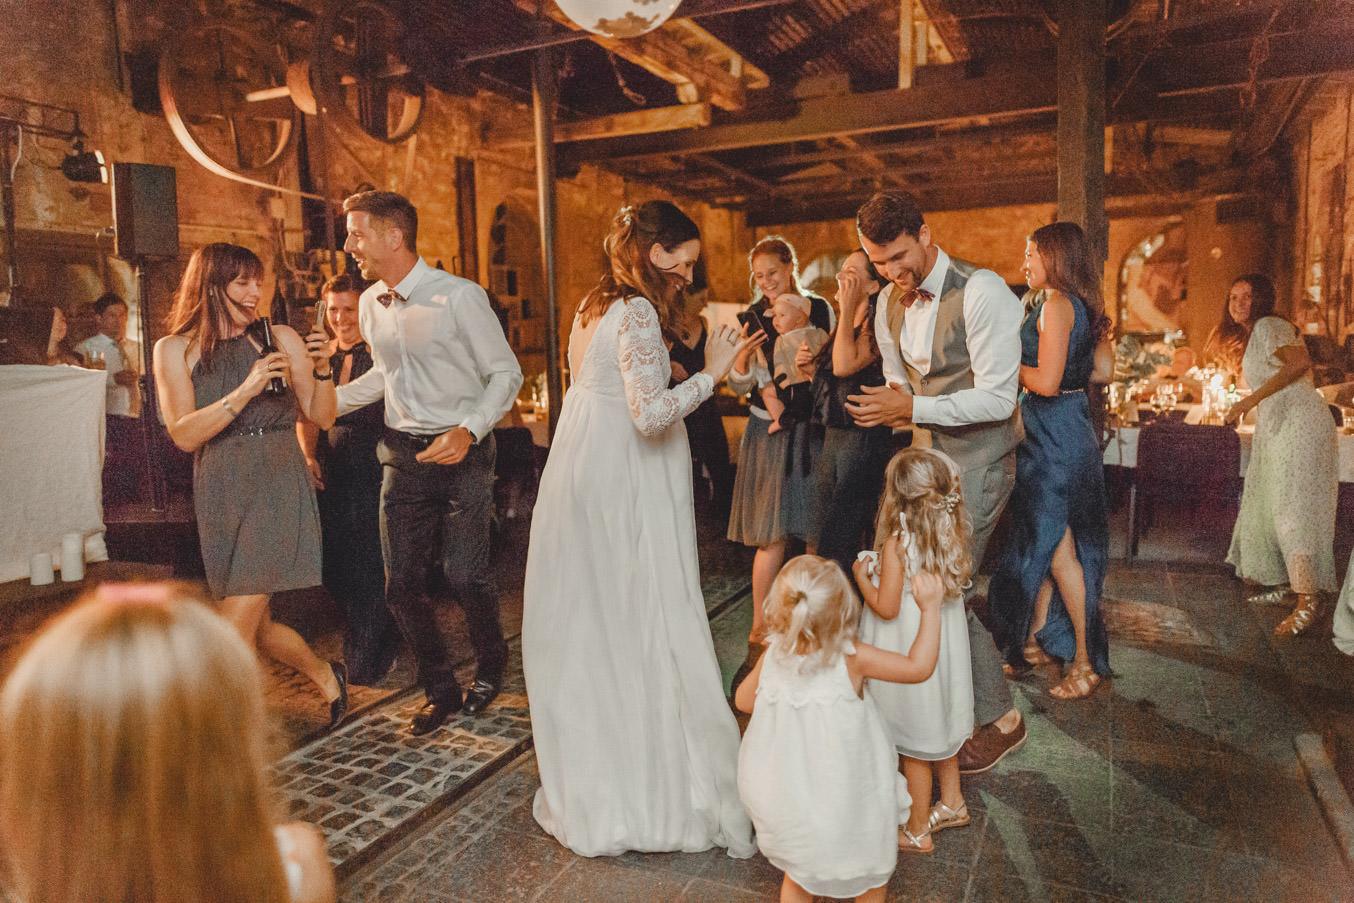 Hochzeitsvideo_Bina_Terre_224341